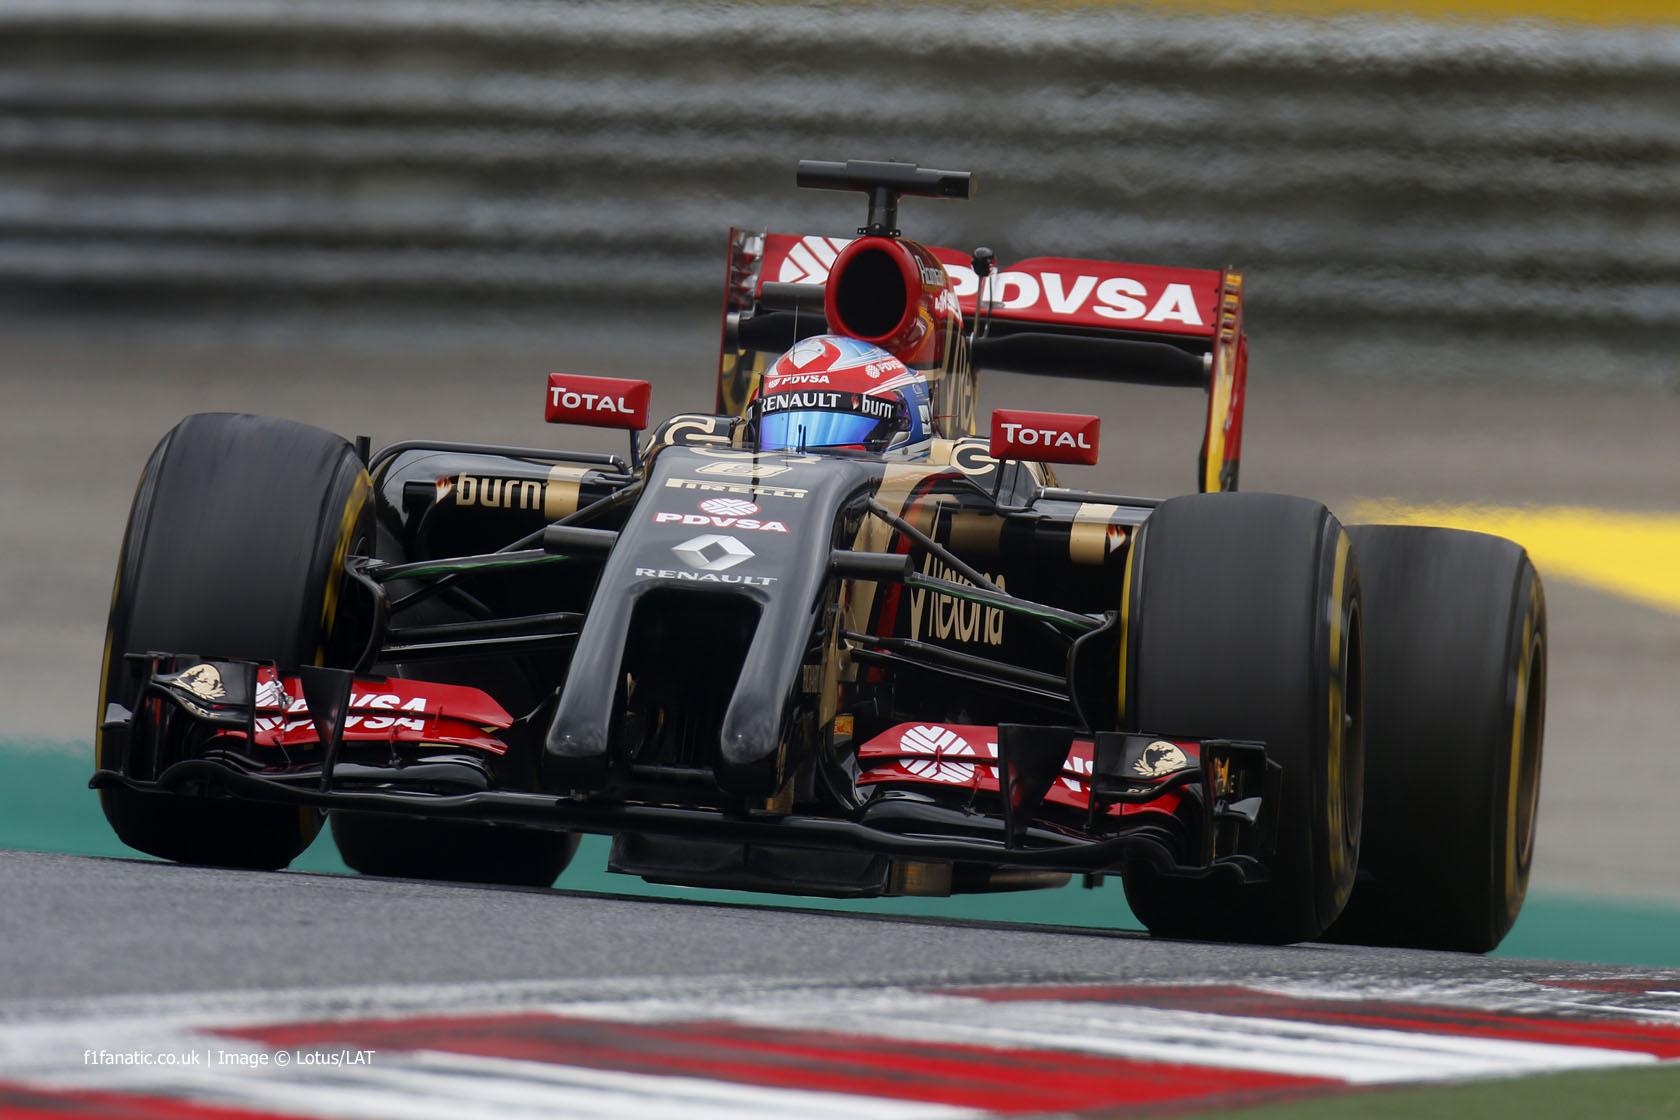 Romain Grosjean, Lotus, Red Bull Ring, 2014